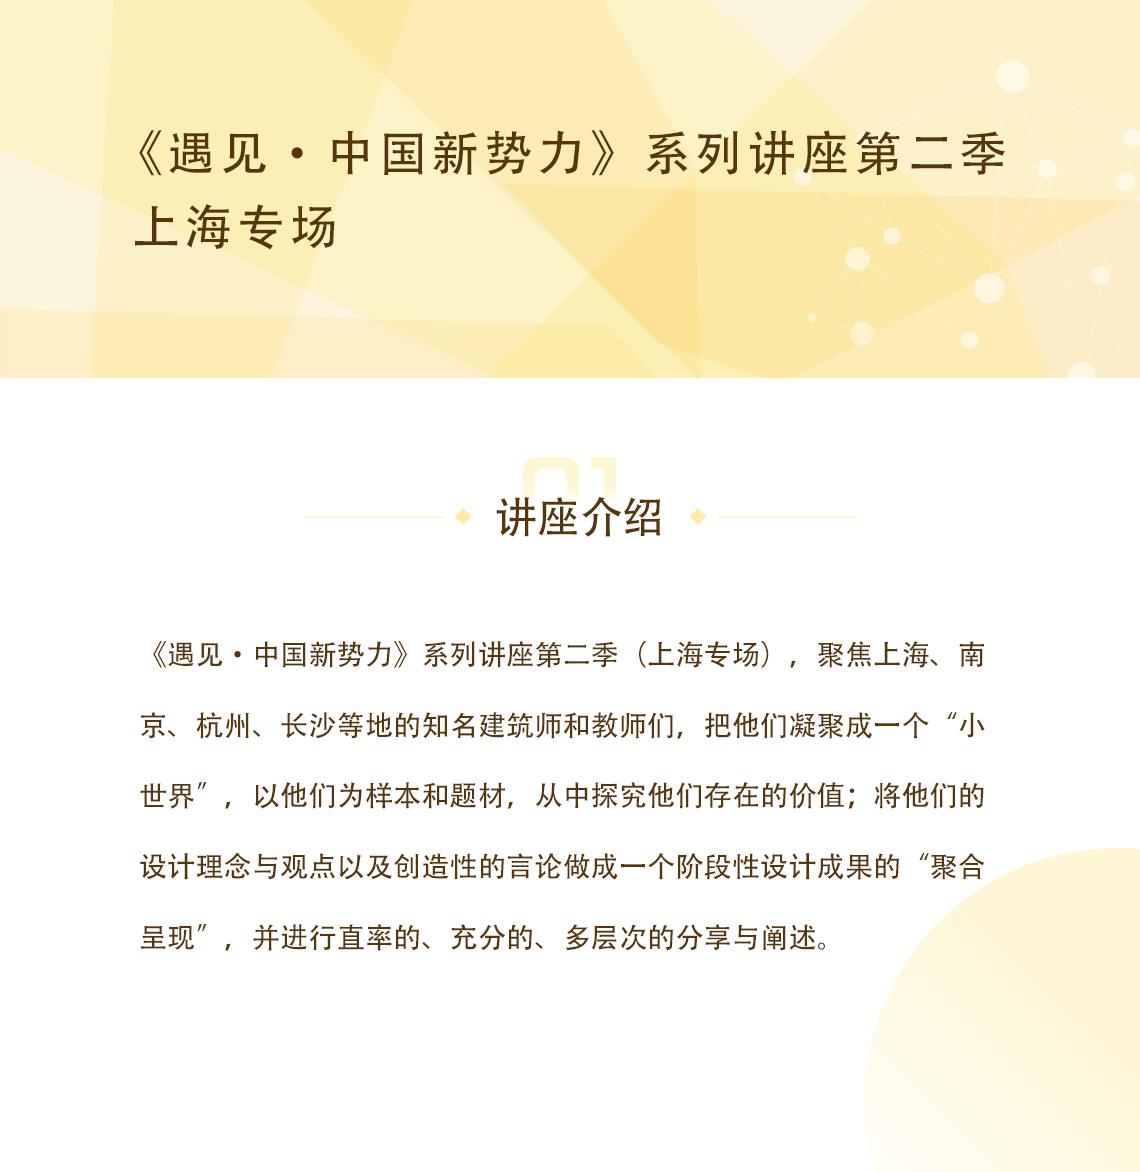 """遇见·中国新势力第二季(上海专场),聚焦上海、南京、杭州、上海等地的知名建筑师和建筑教师,把他们凝聚成的一个""""小世界"""",以他们为样本和题材,从中窥视他们存在的价值。"""